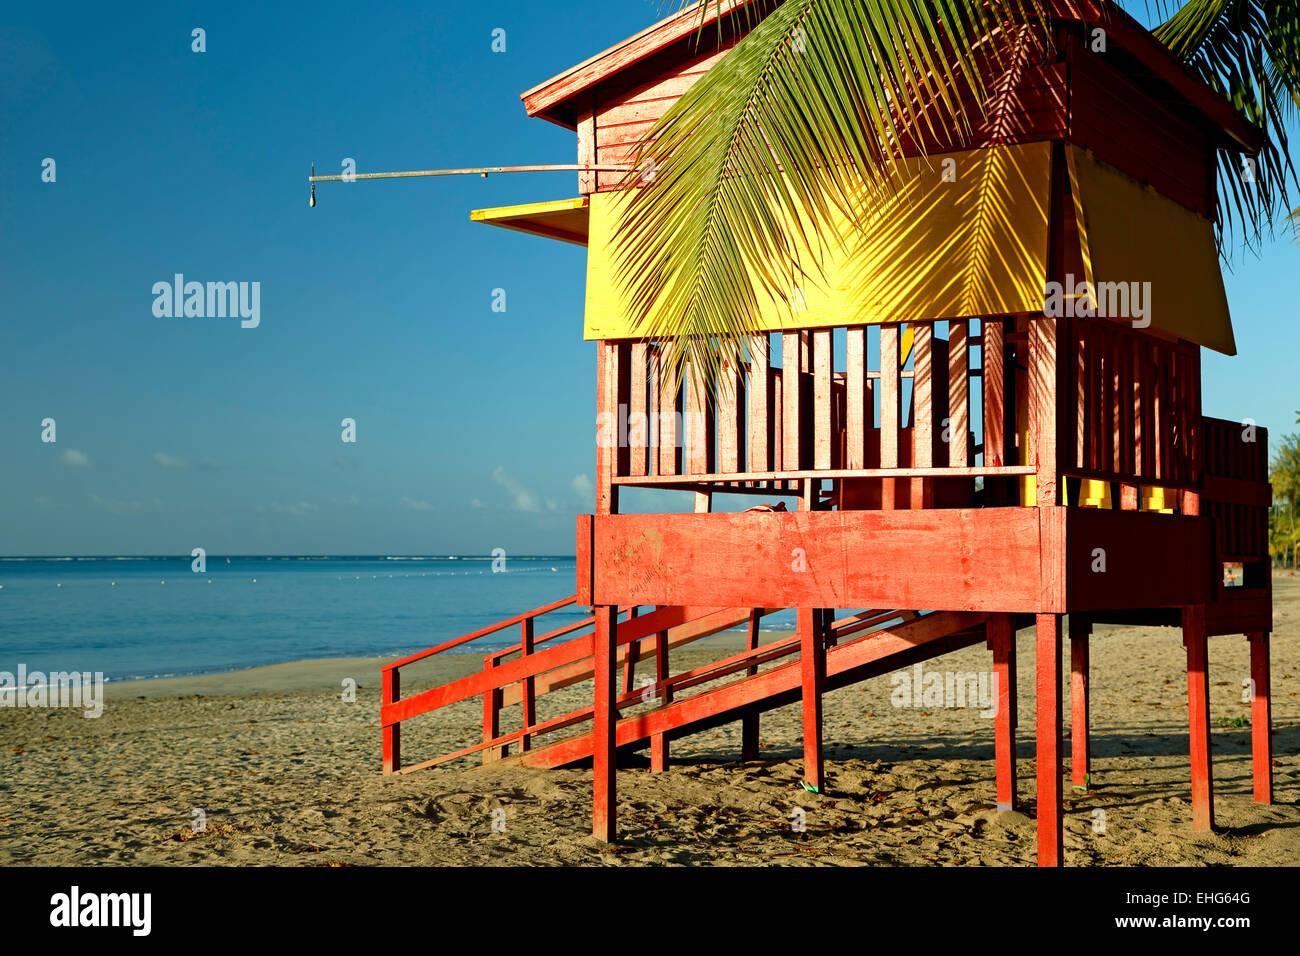 Casa de vigilante de la playa y la playa Luquillo playa pública, Luquillo, Puerto Rico Imagen De Stock